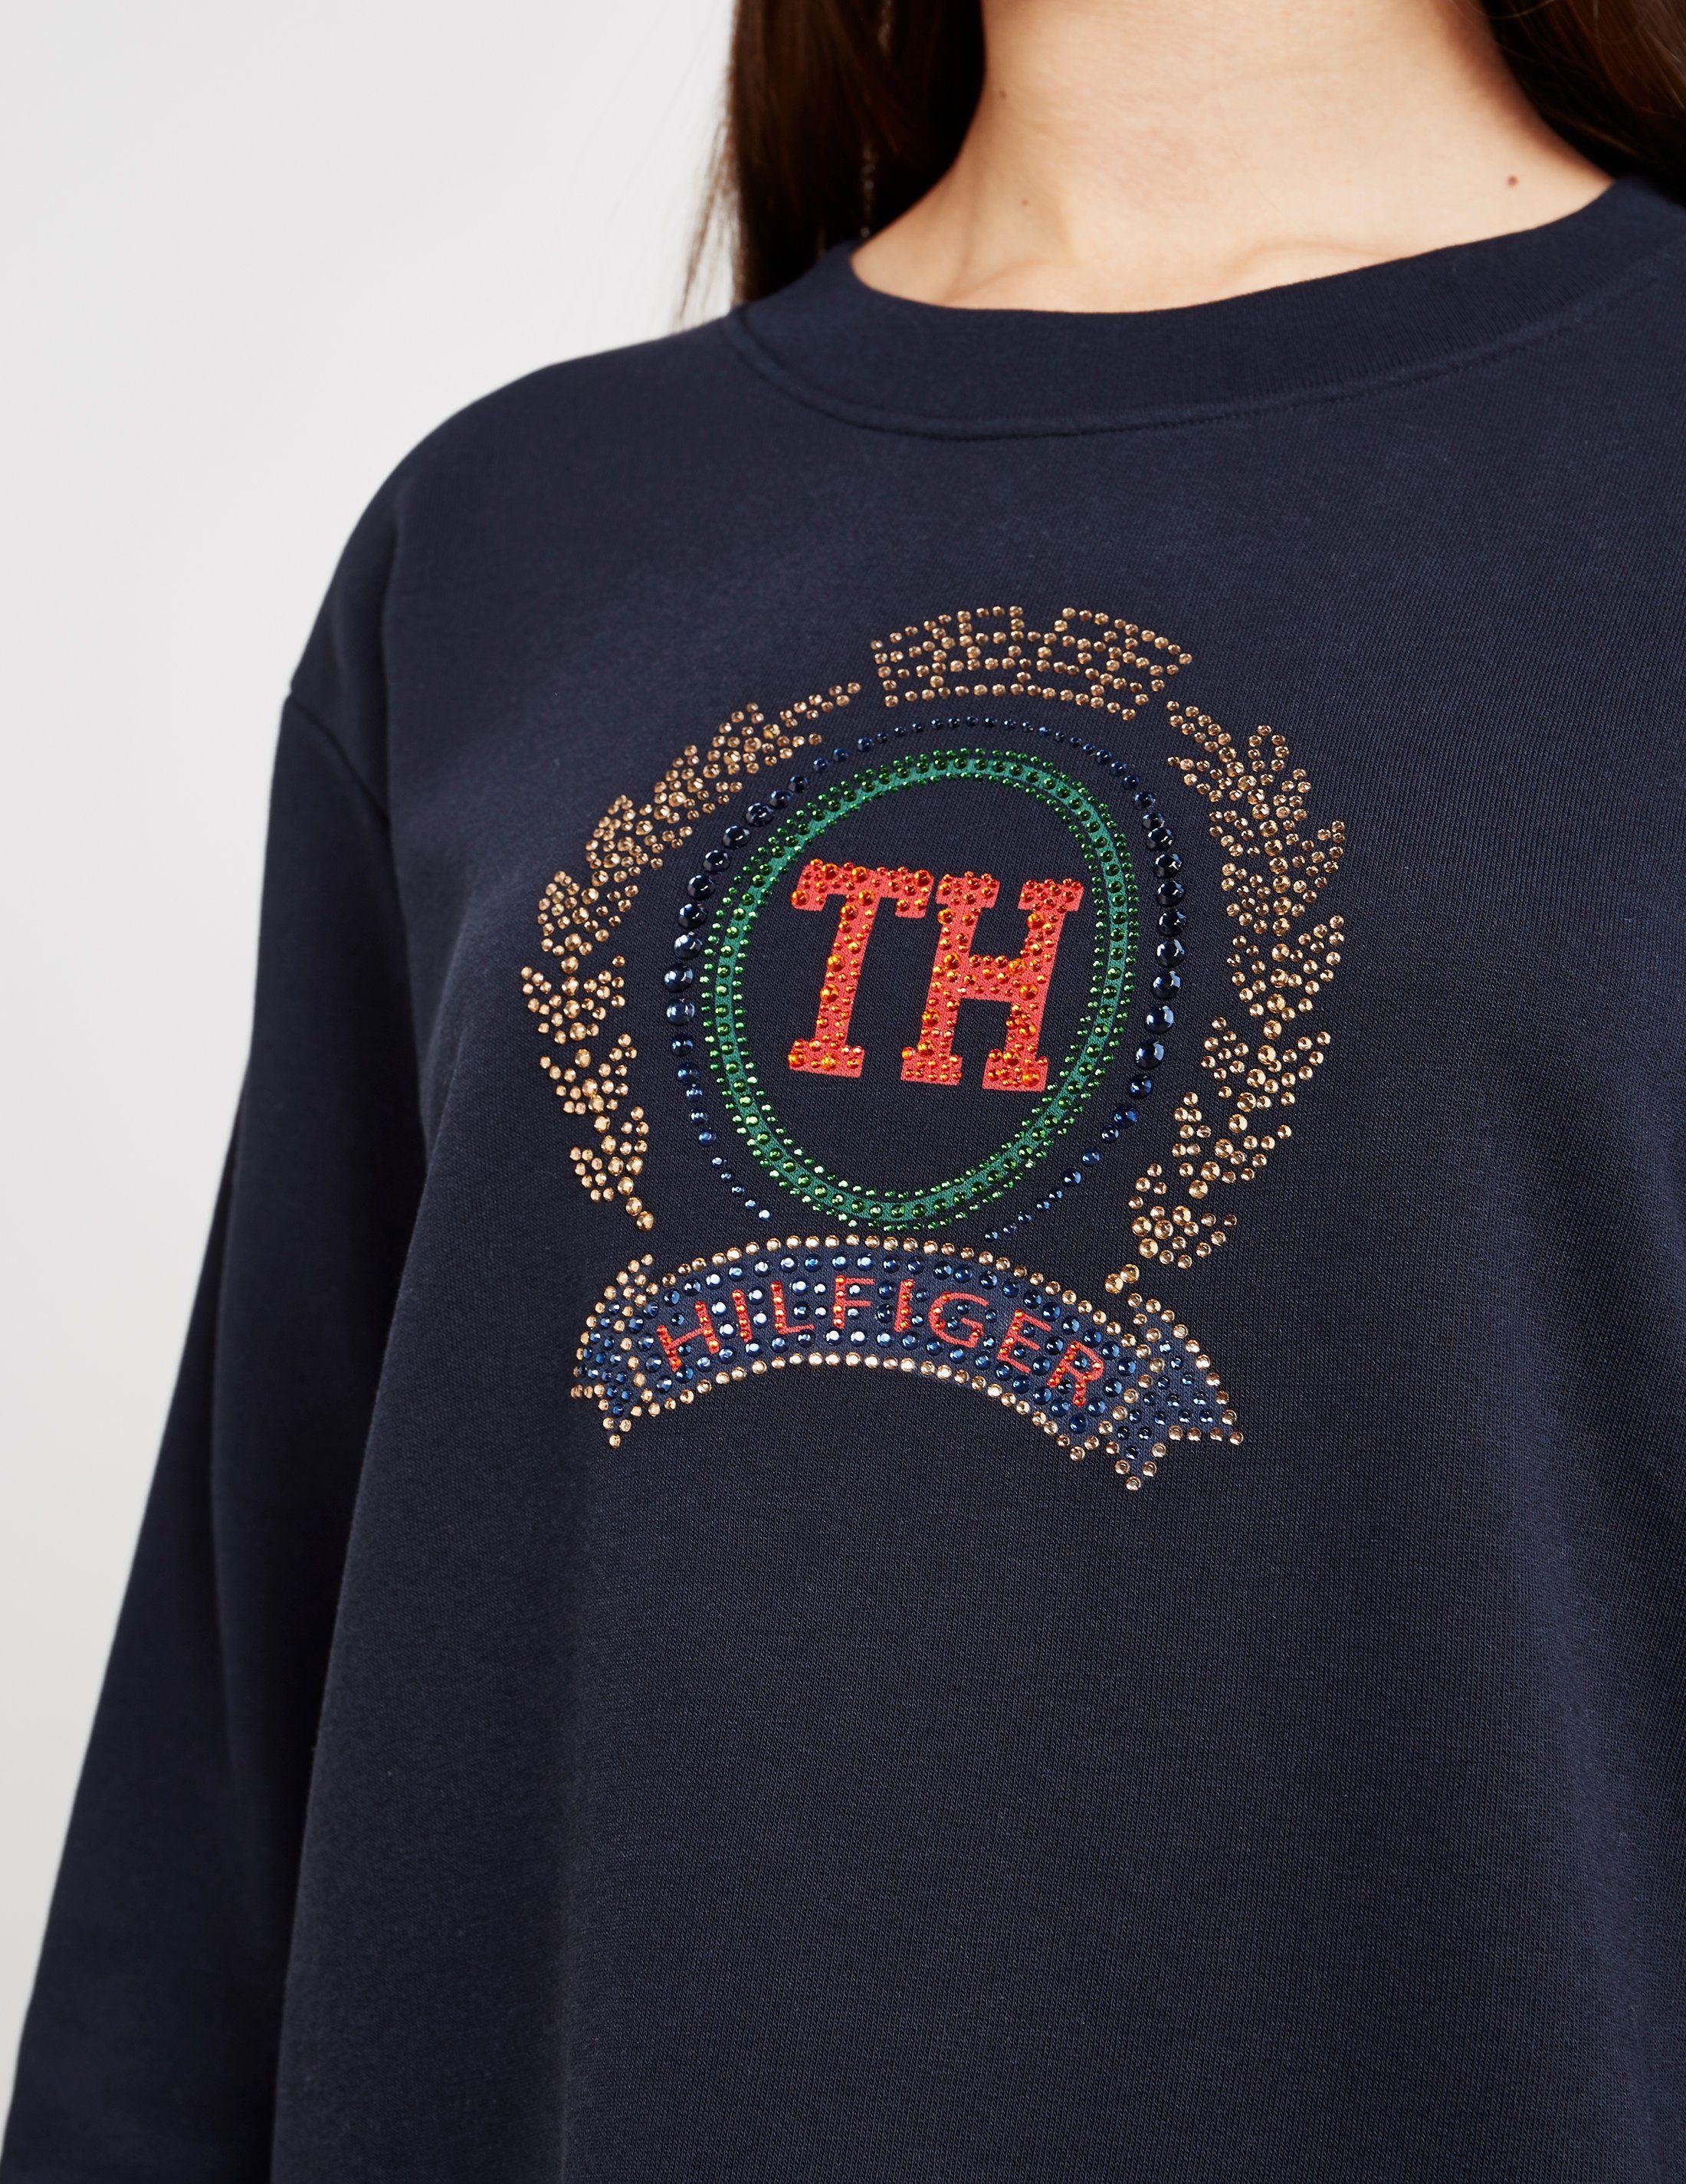 Tommy Hilfiger Merissa Sweatshirt - Online Exclusive